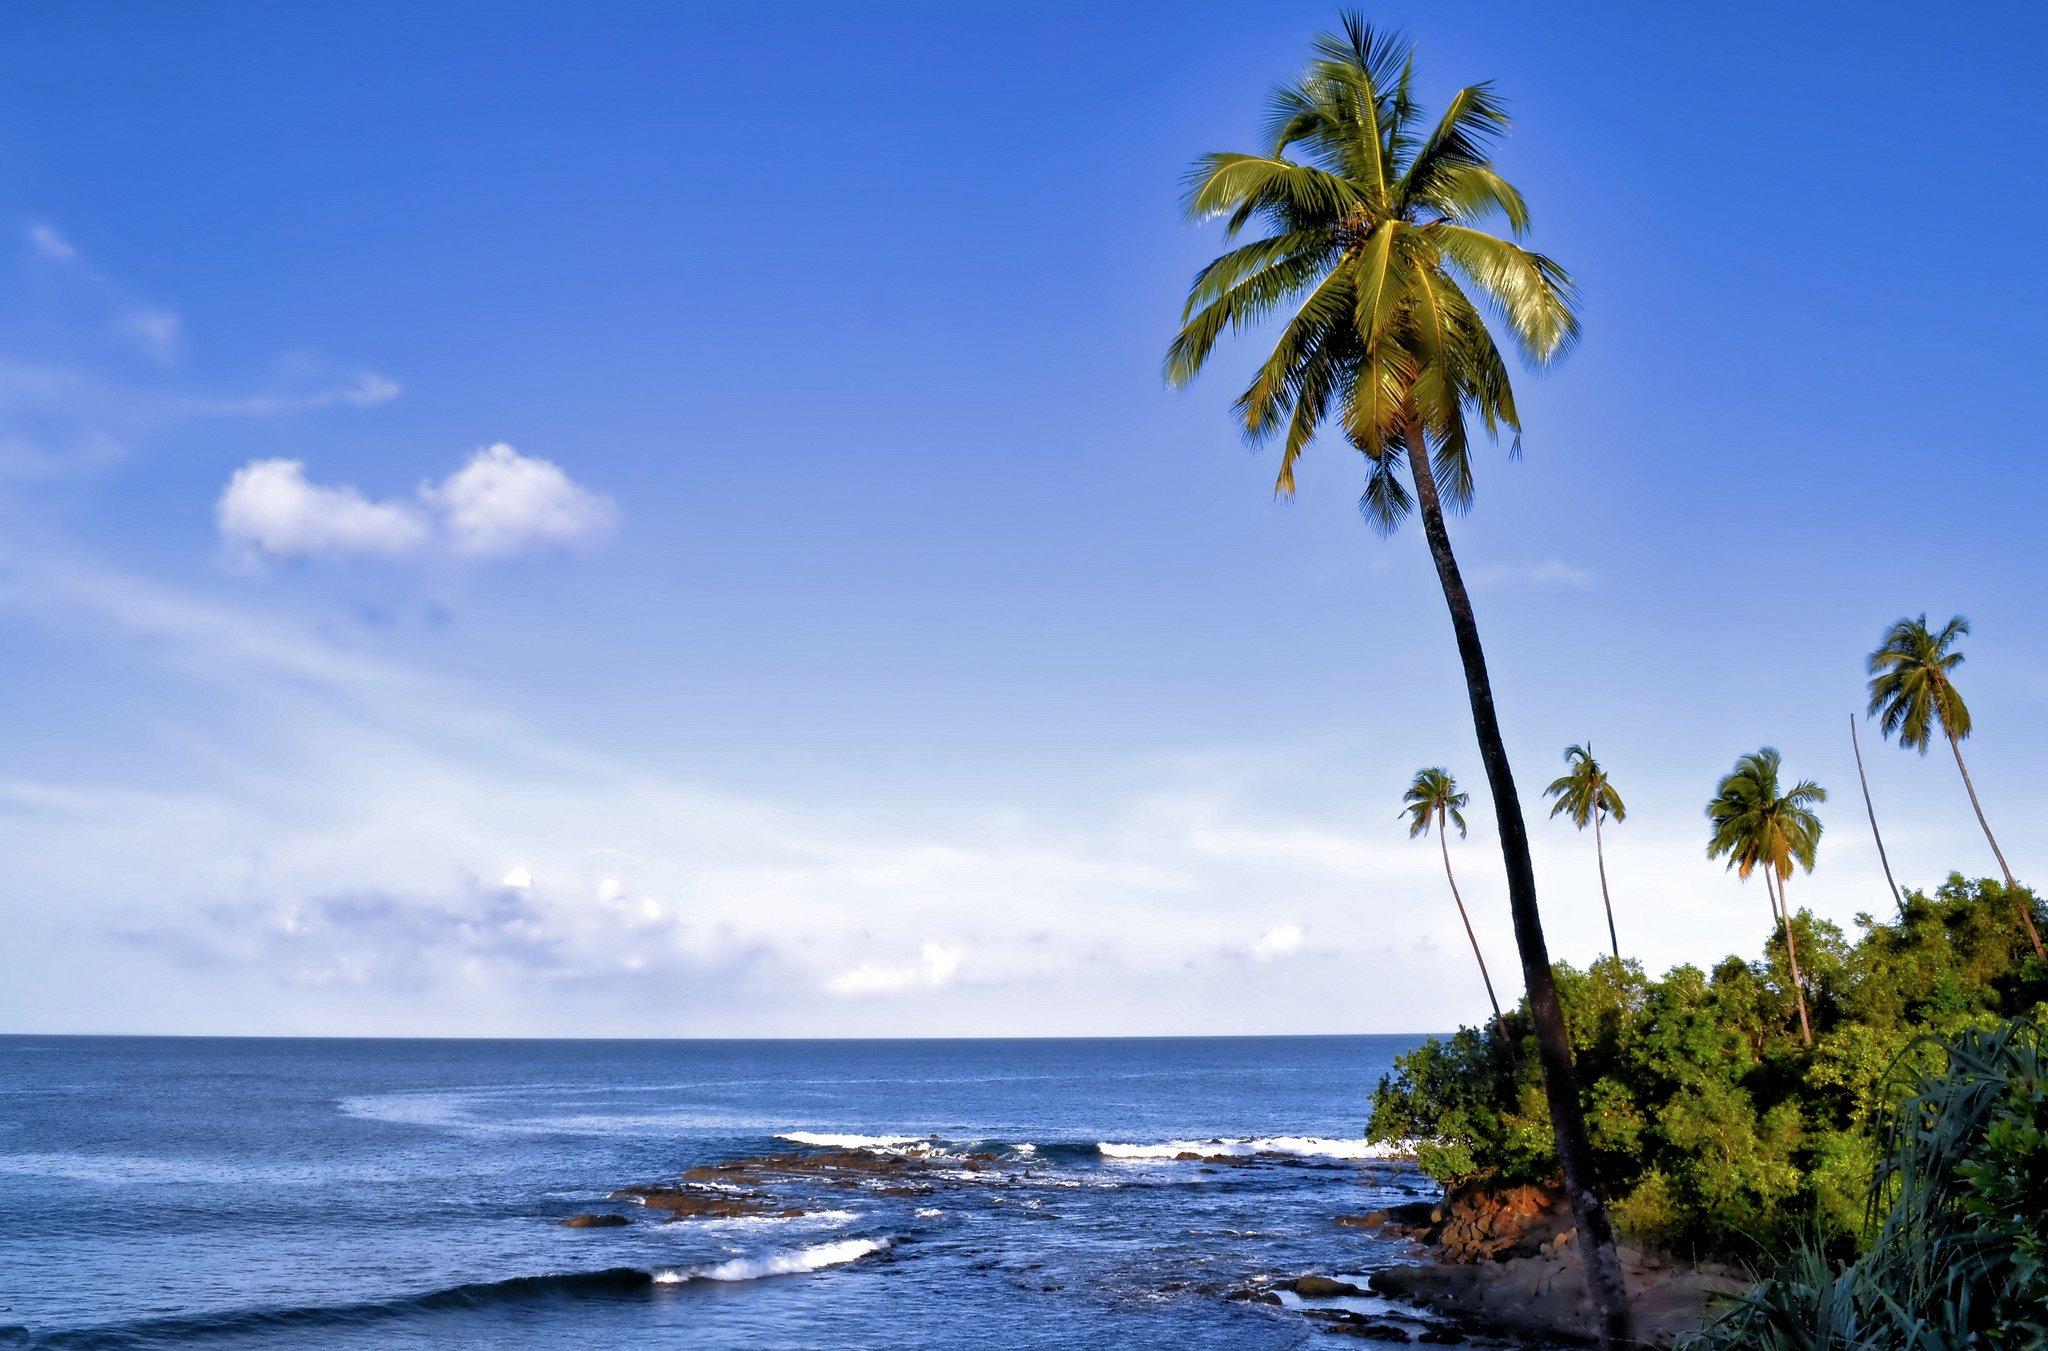 Картинки пальмы острова море